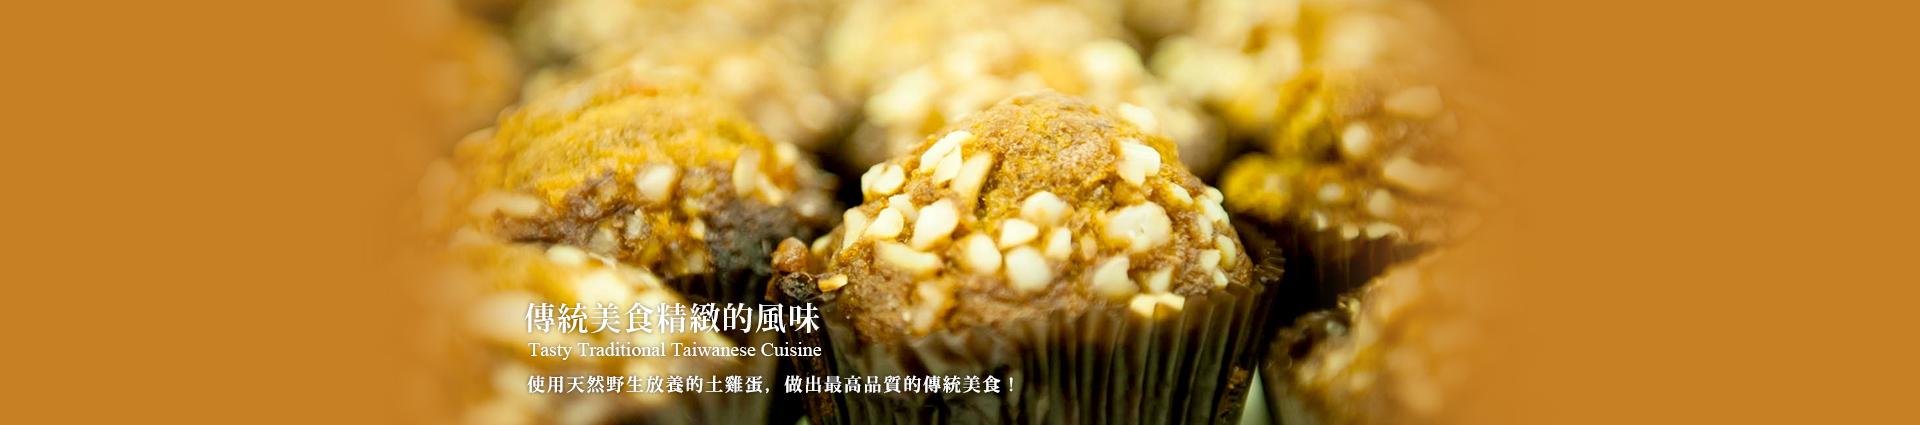 寶盛食品(苗栗糕餅,傳統美食,通霄伴手禮)